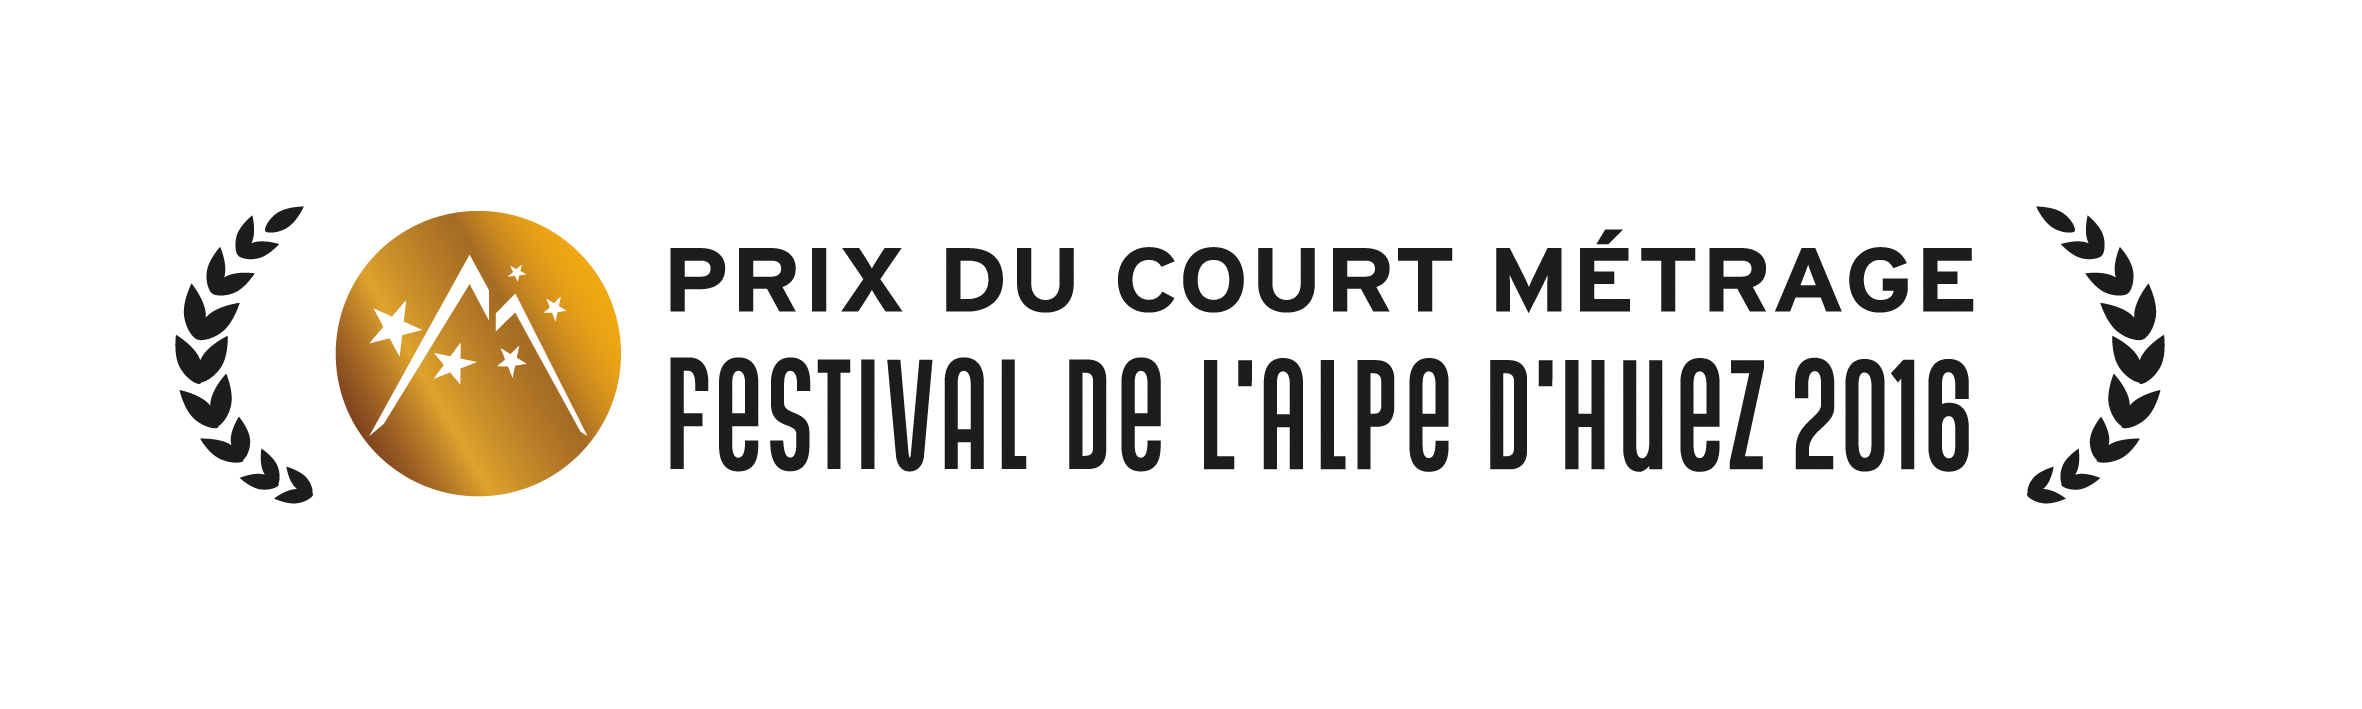 H-PrixduCourtMetrage-2016